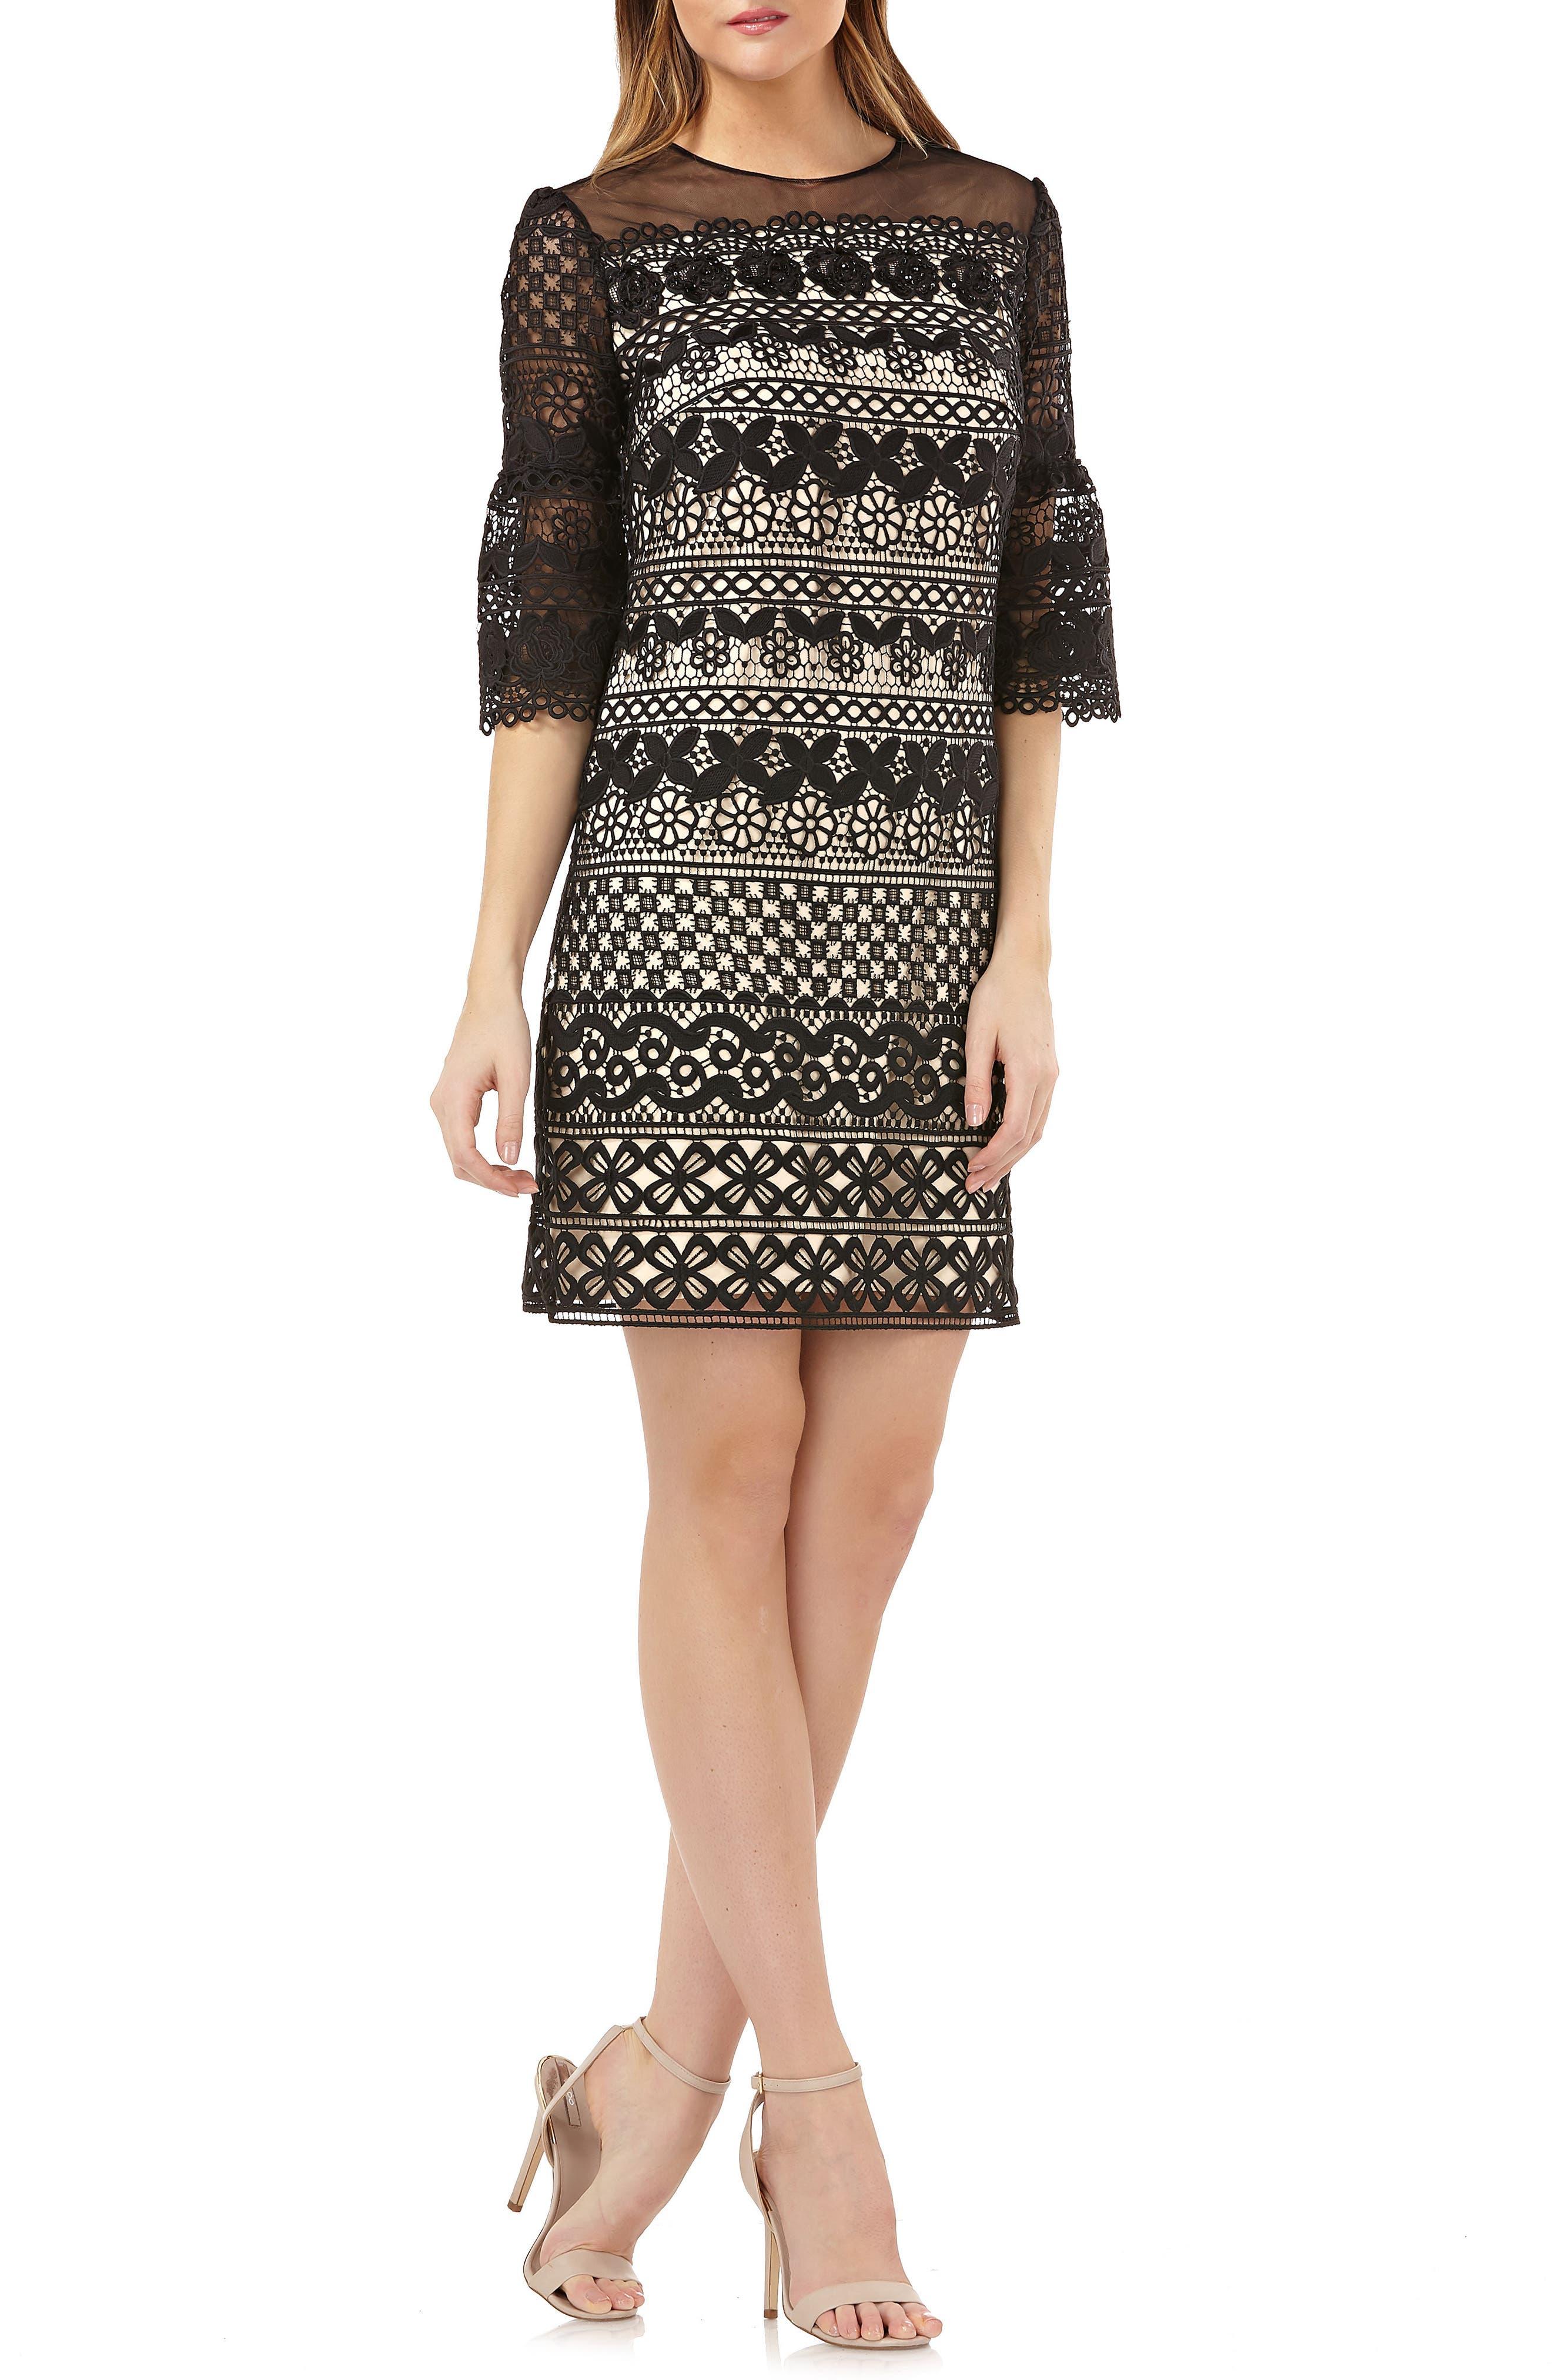 Carmen Marc Valvo Lace Shift Dress,                             Main thumbnail 1, color,                             BLACK NUDE